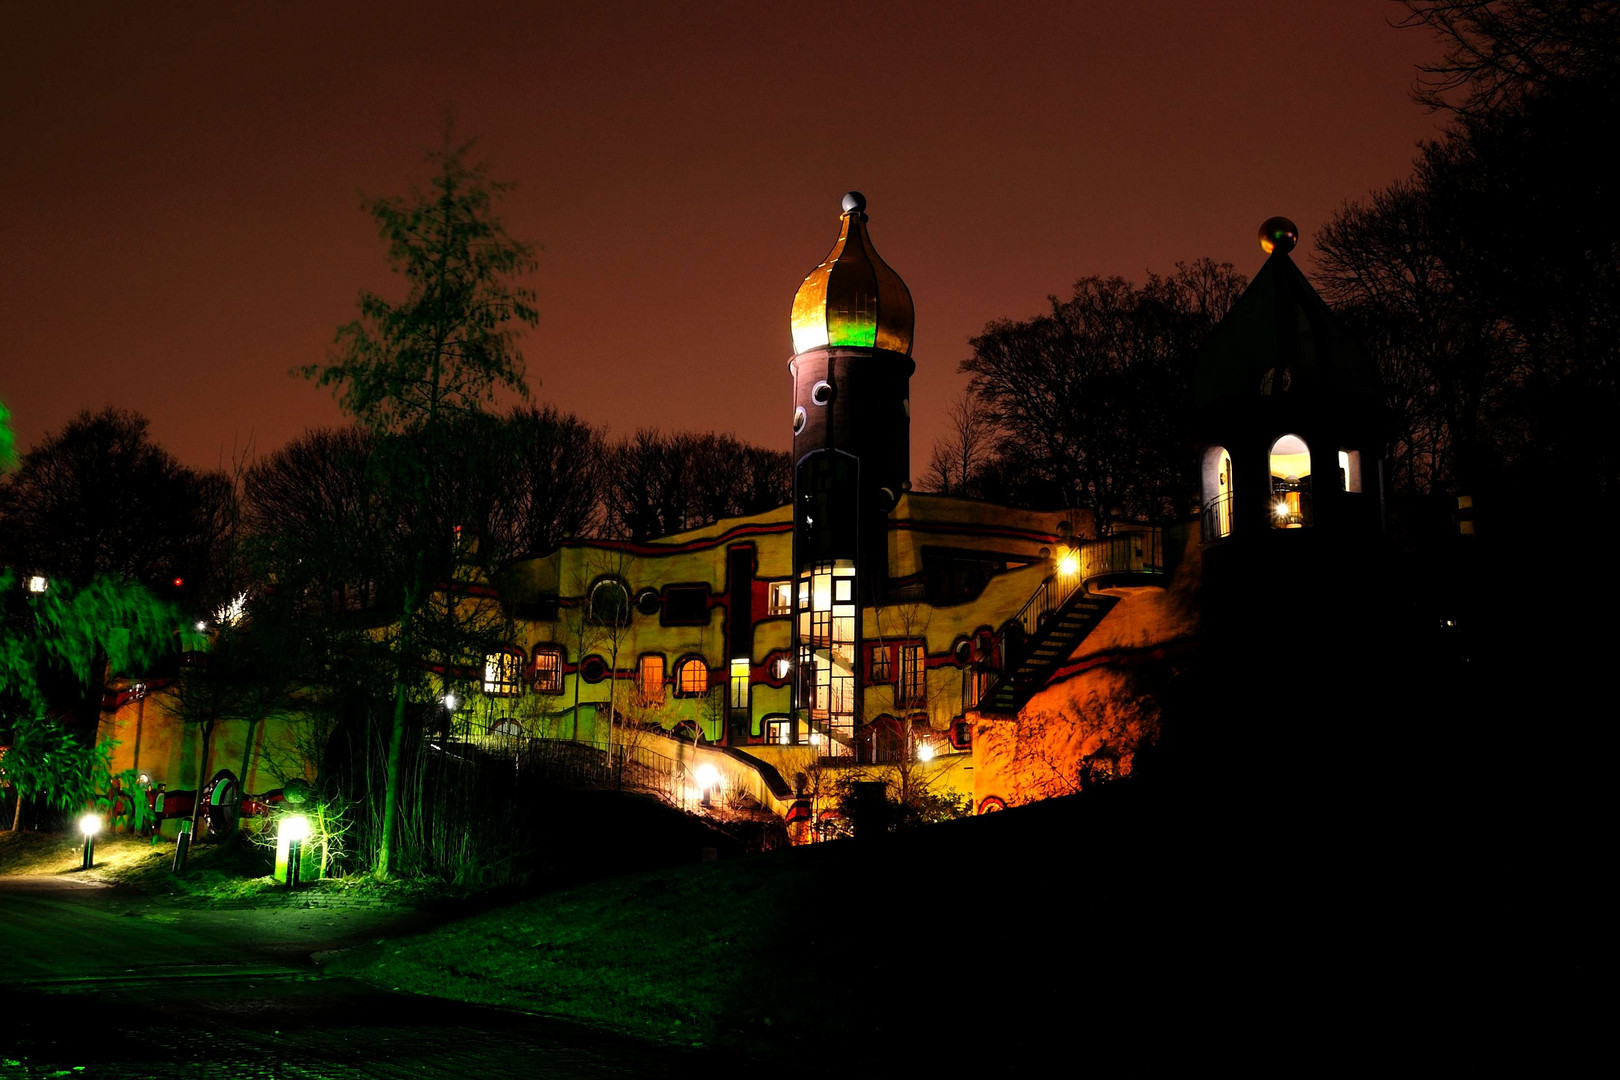 Hundertwasserhaus im Grugapark Essen